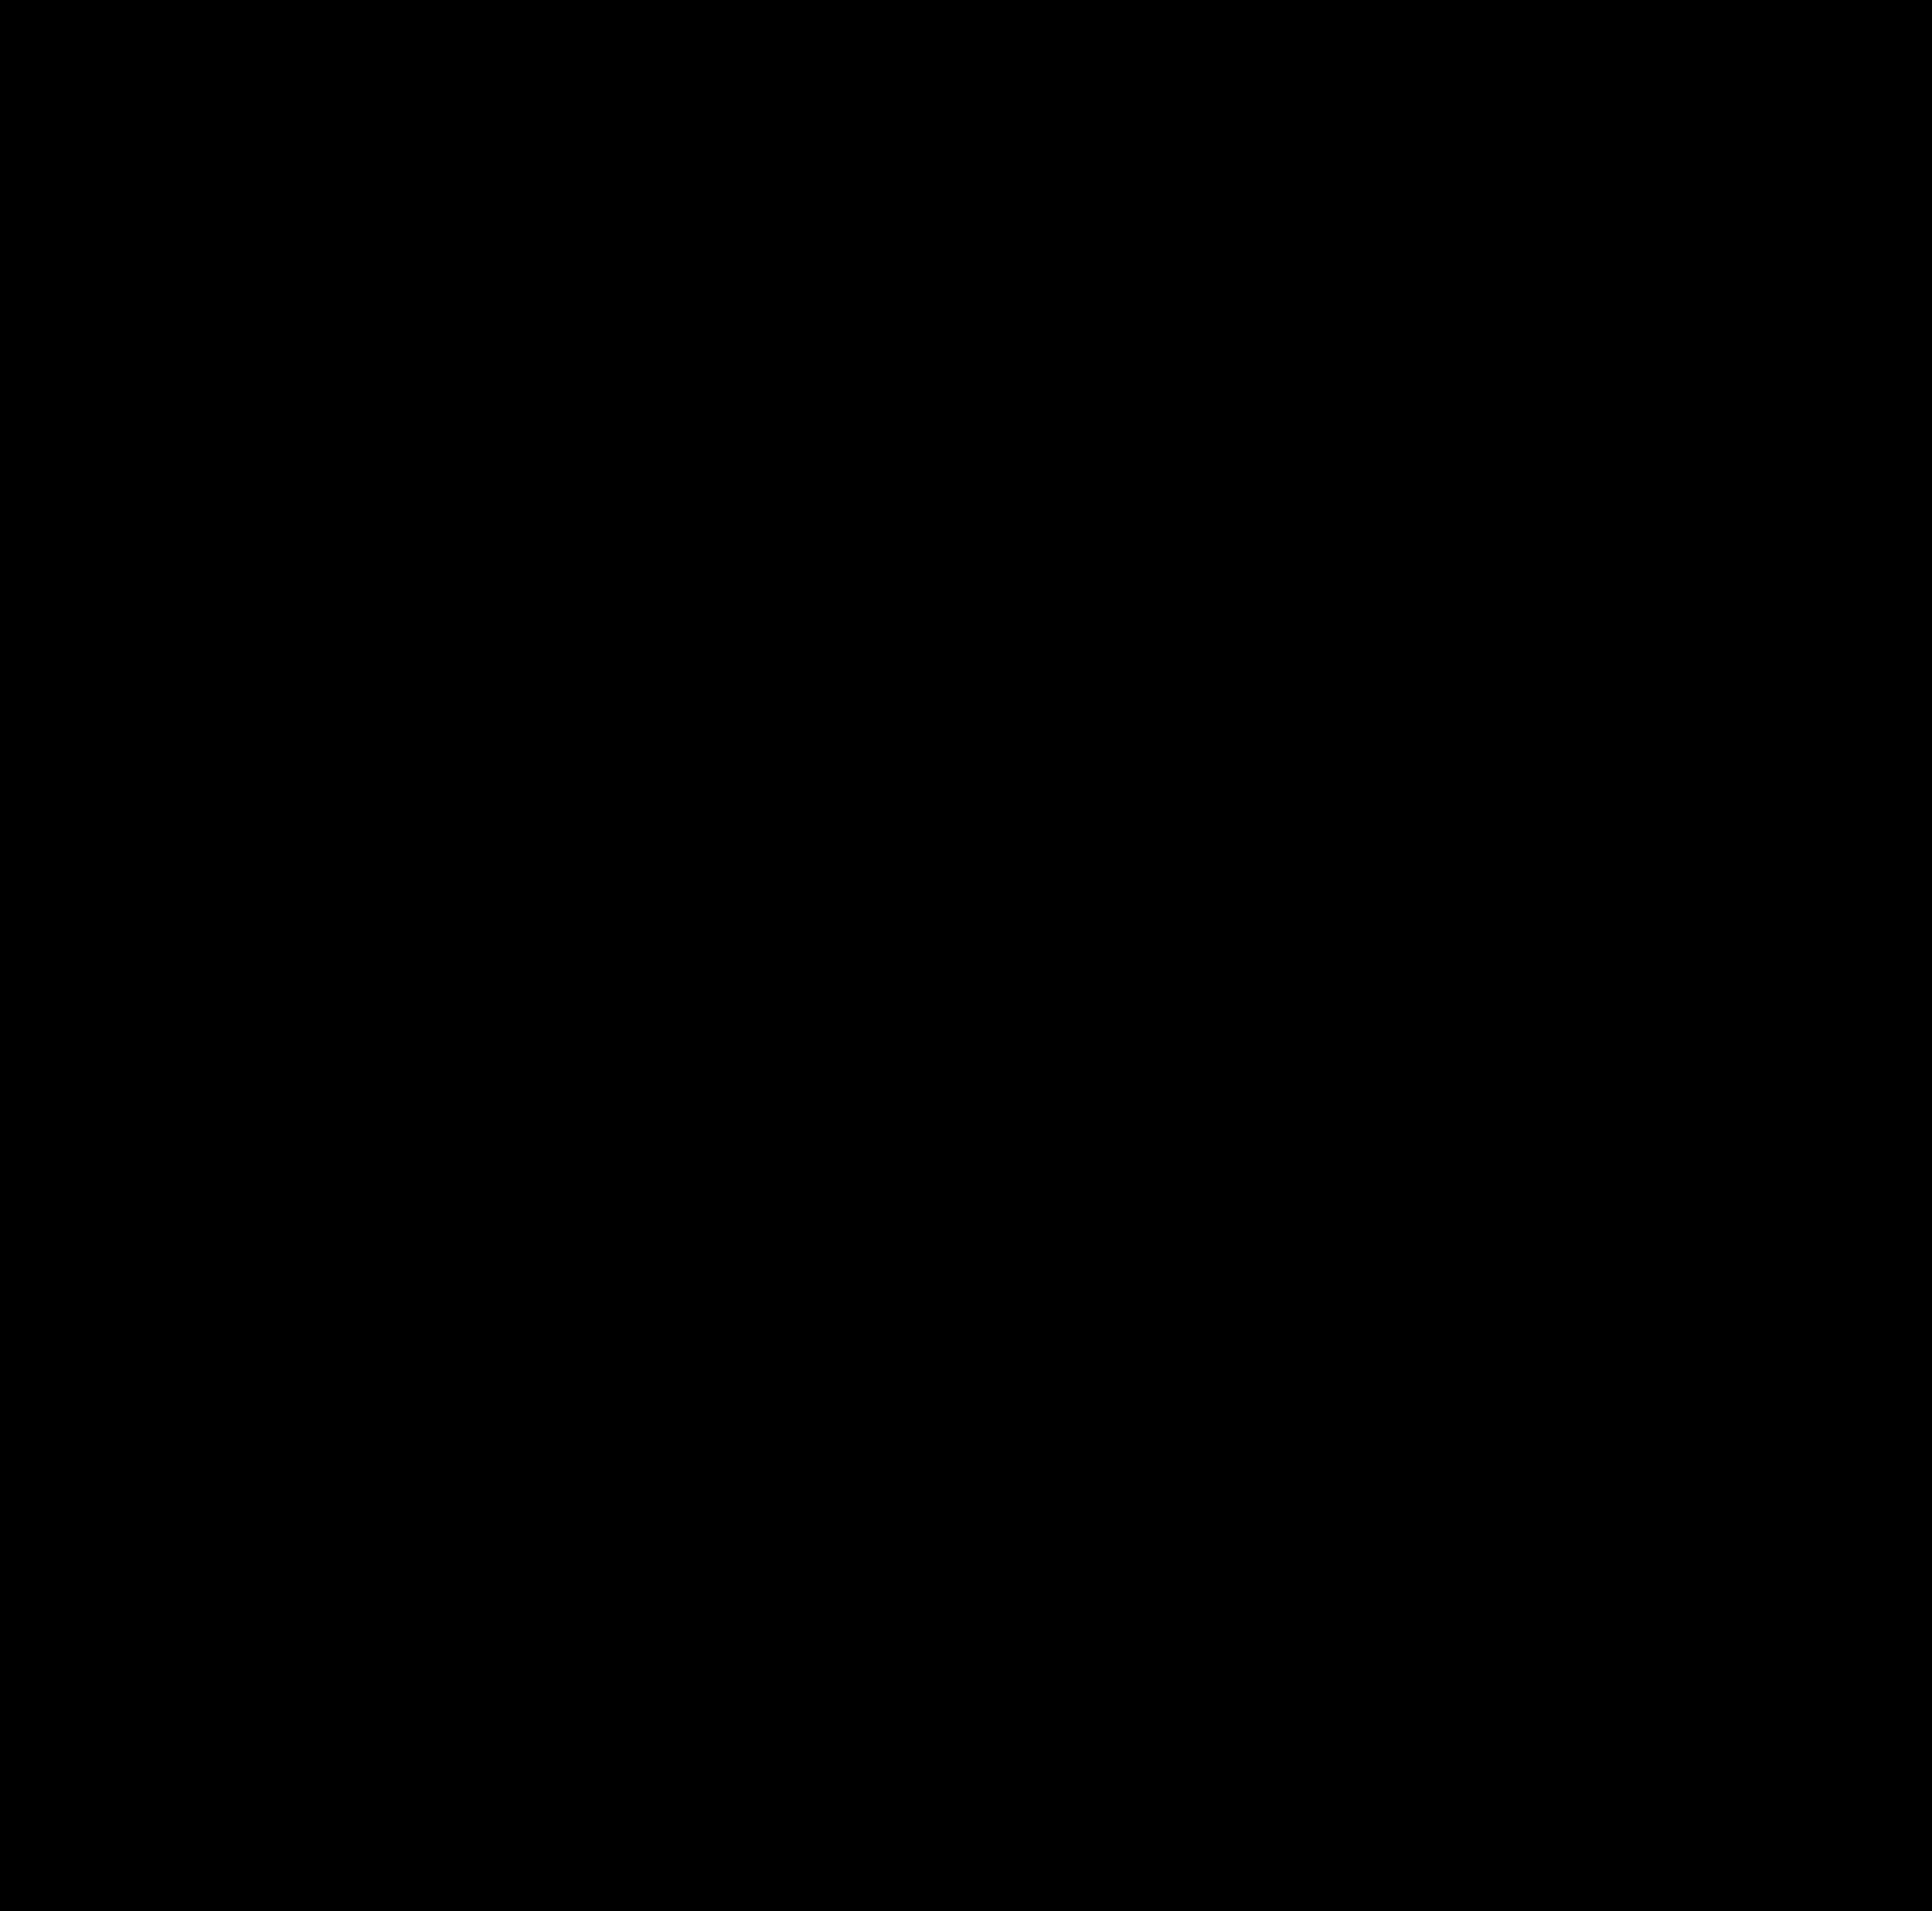 Download Hd Mercedes Logo Png Transparent Mercedes Benz Logo Sketch Transparent Png Image Nicepng Com